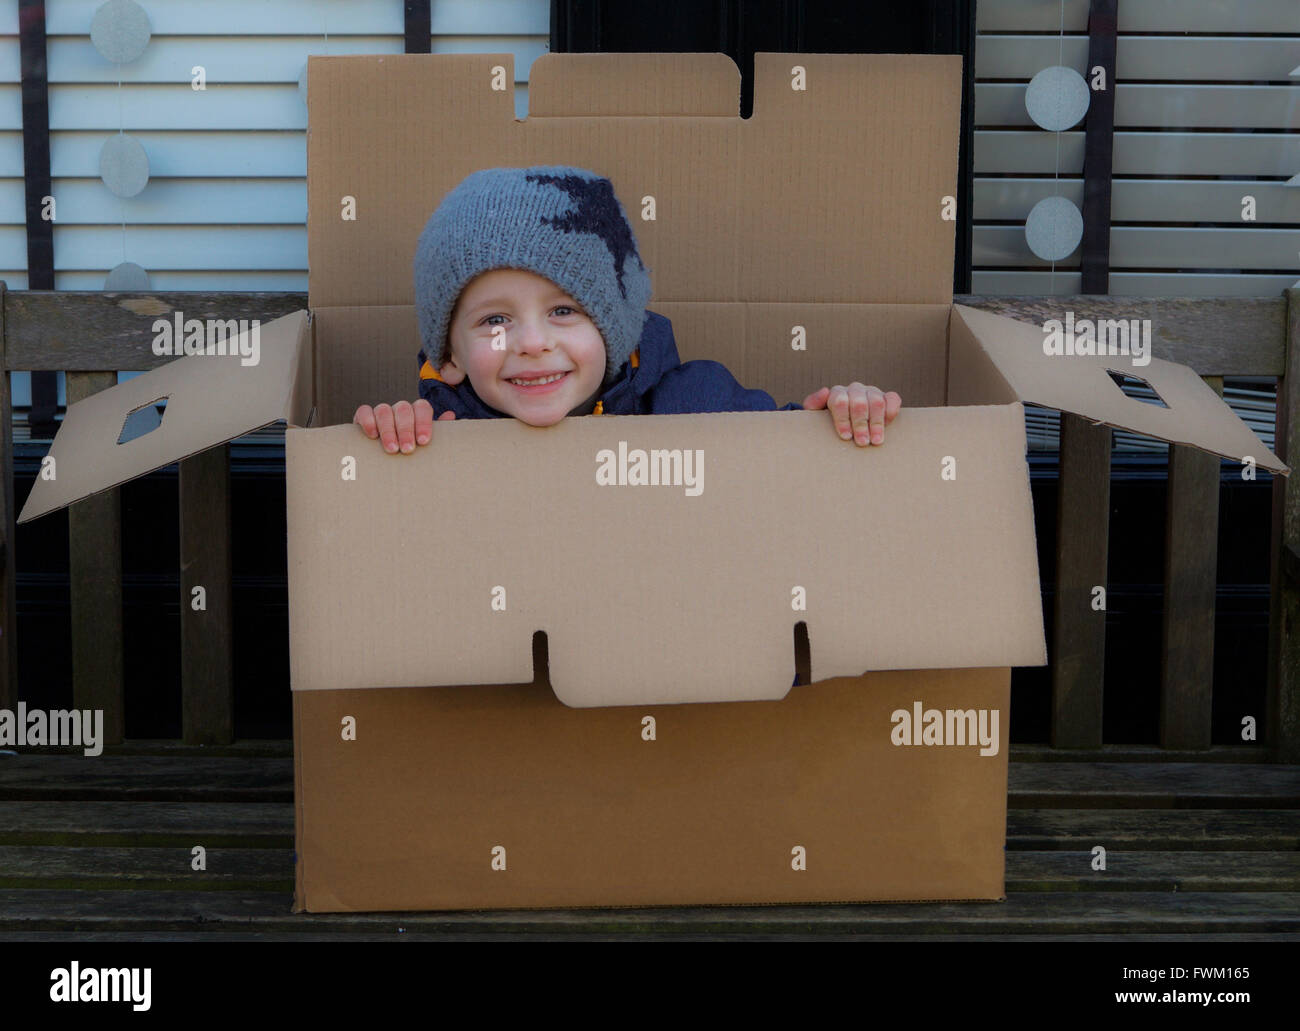 Ritratto di ragazzo giocoso sulla scatola Immagini Stock